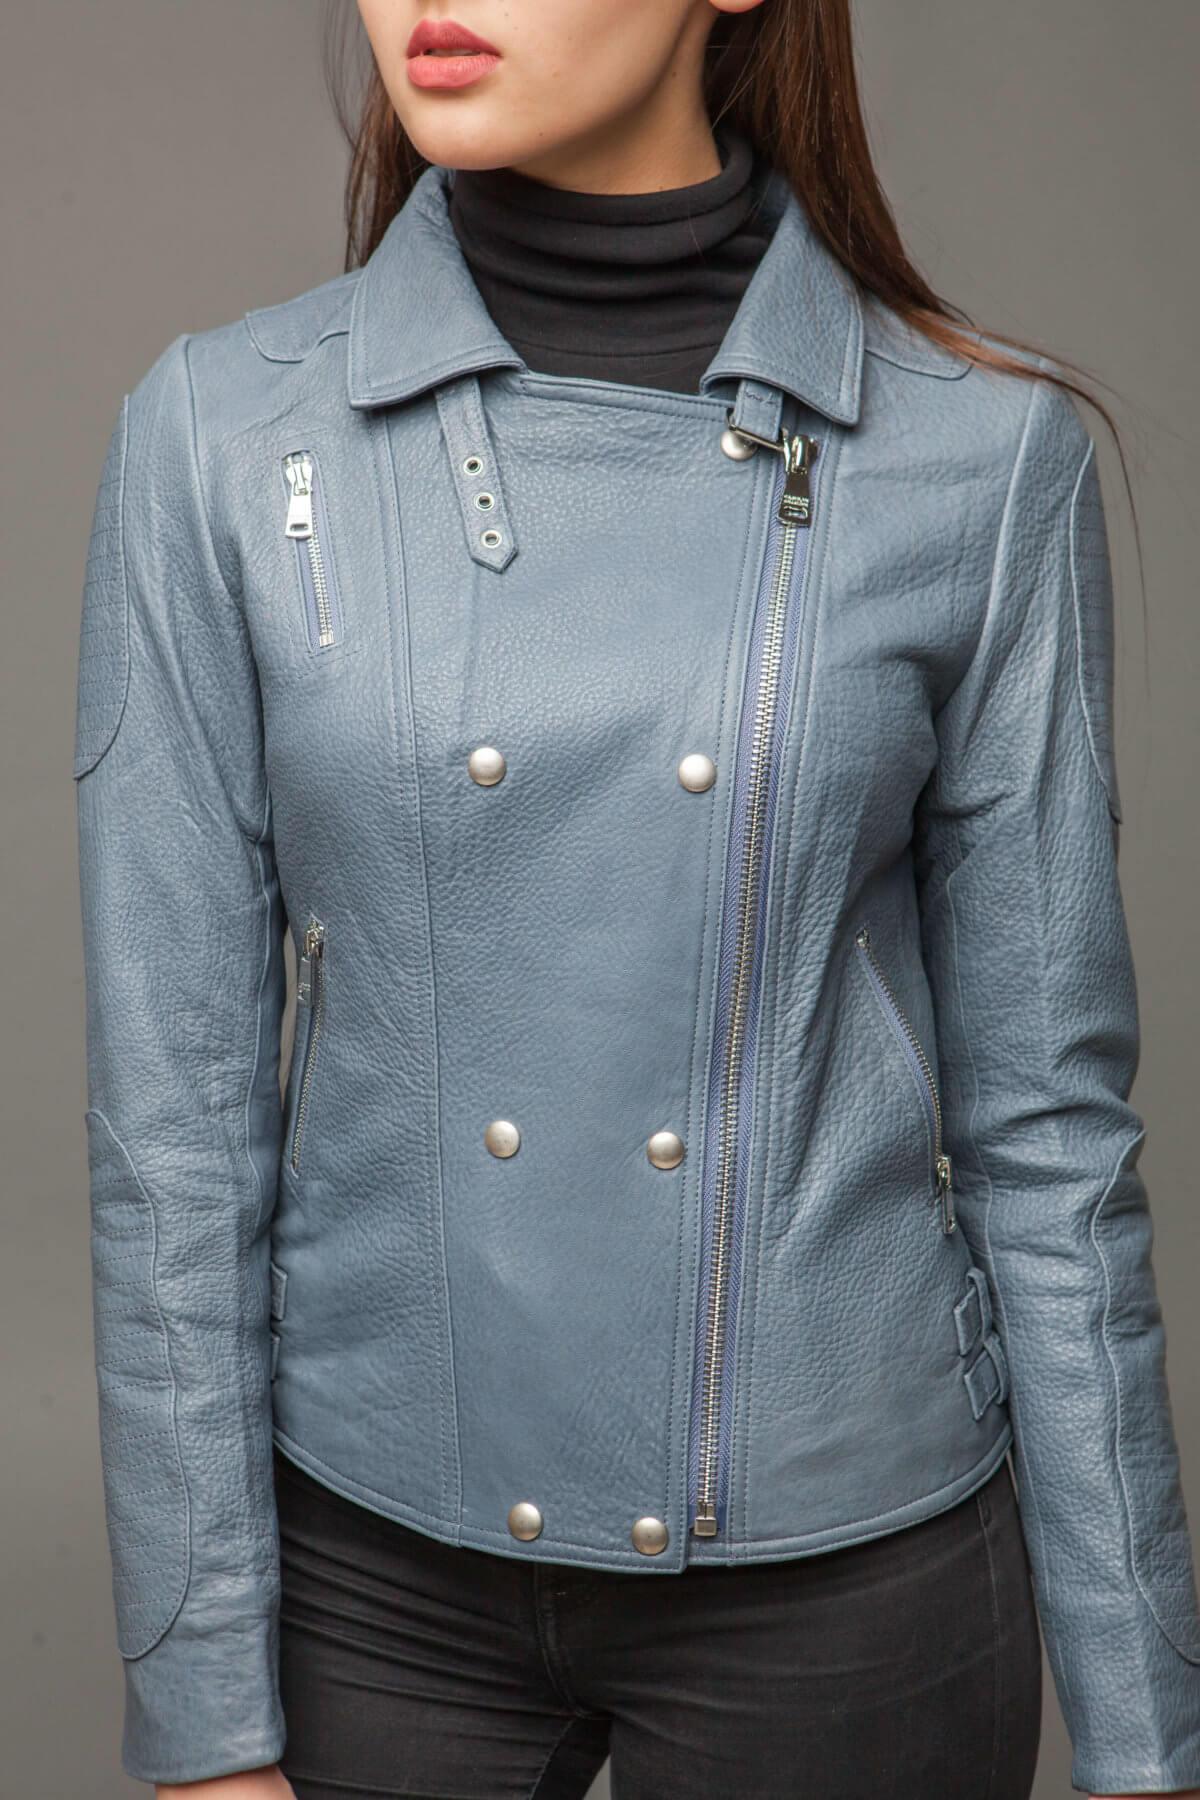 Кожаная куртка-косуха голубая. Фото 4